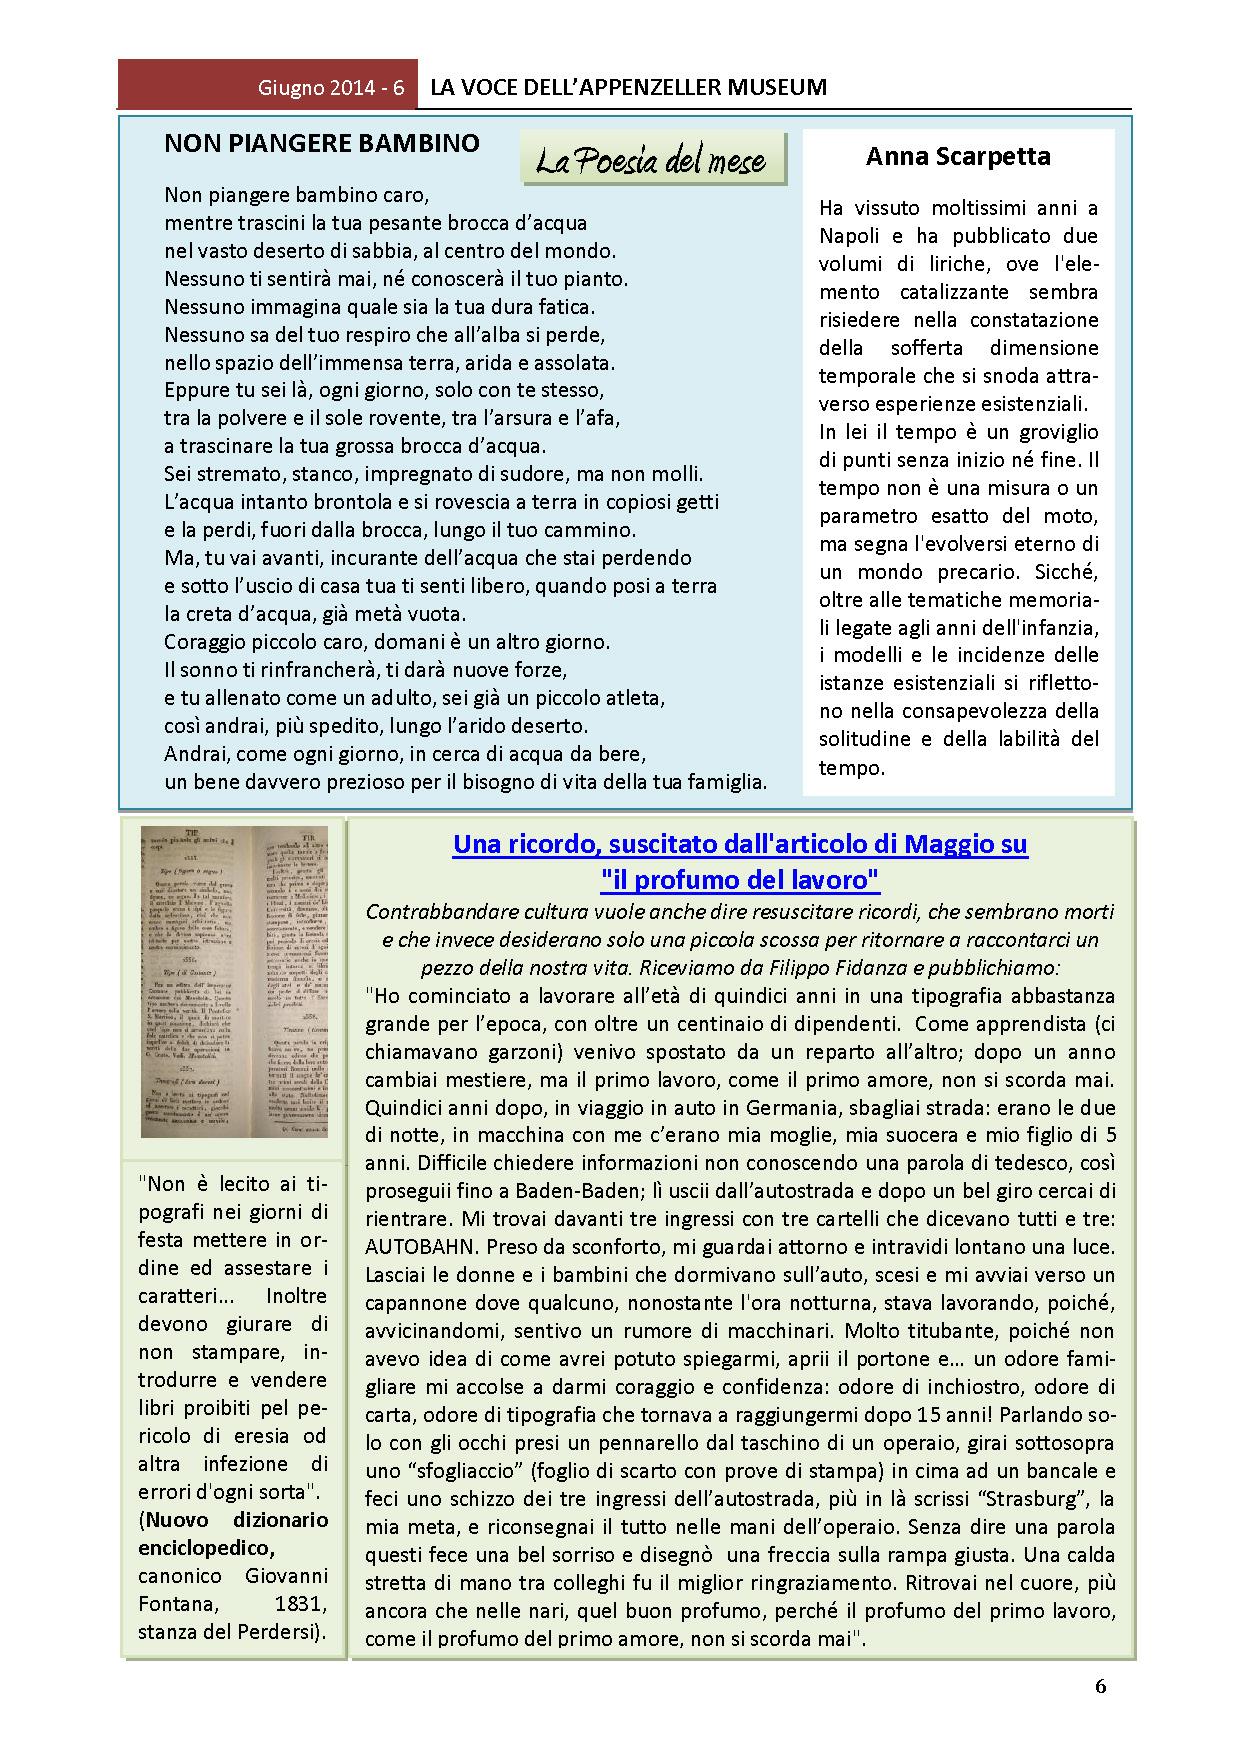 Giugno 2014, n.6, La Voce dell'Appenzeller Museum – Anna Scarpetta, Poeta del mese